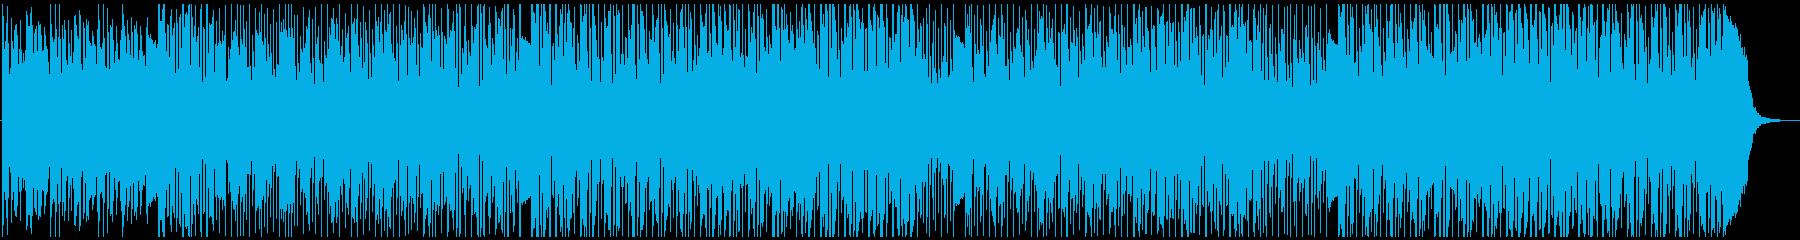 ポップエレクトロ。気分を高揚させる...の再生済みの波形